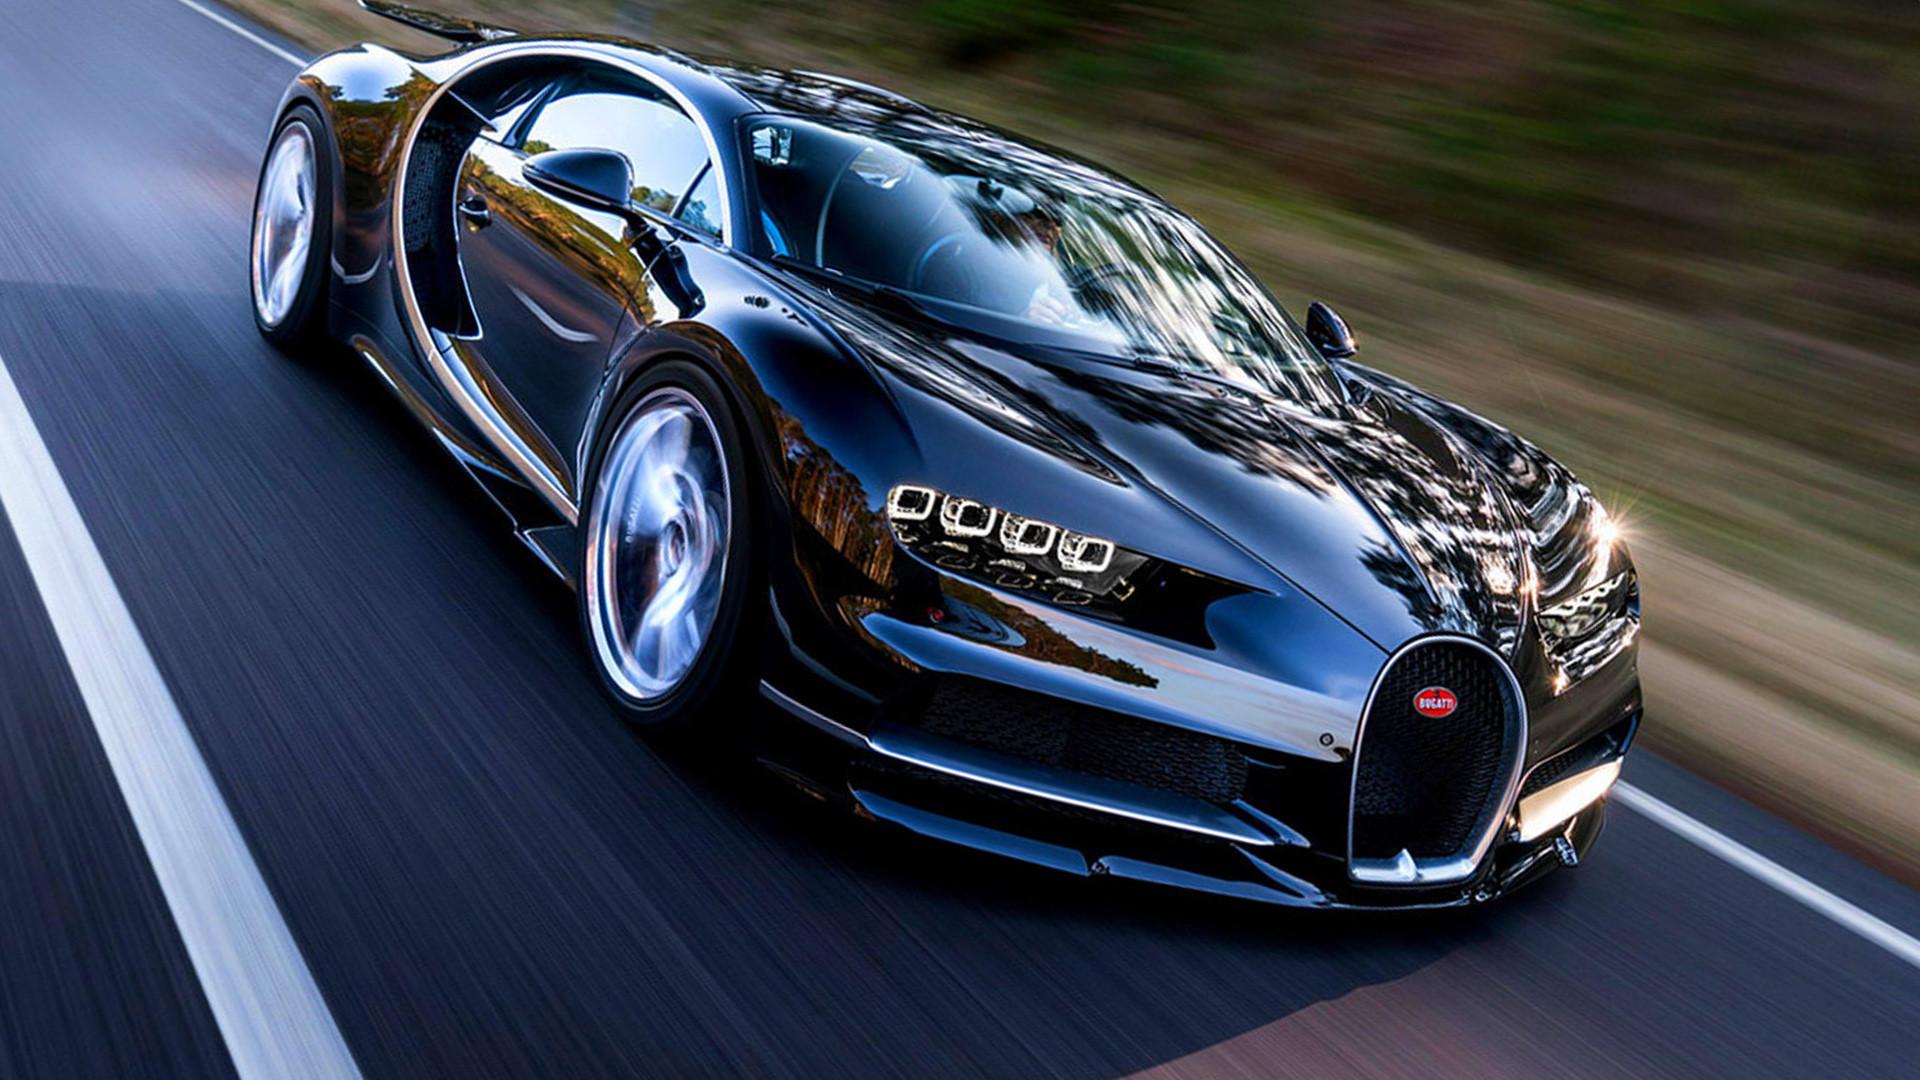 bugatti car wallpaper,land vehicle,vehicle,car,bugatti veyron,supercar